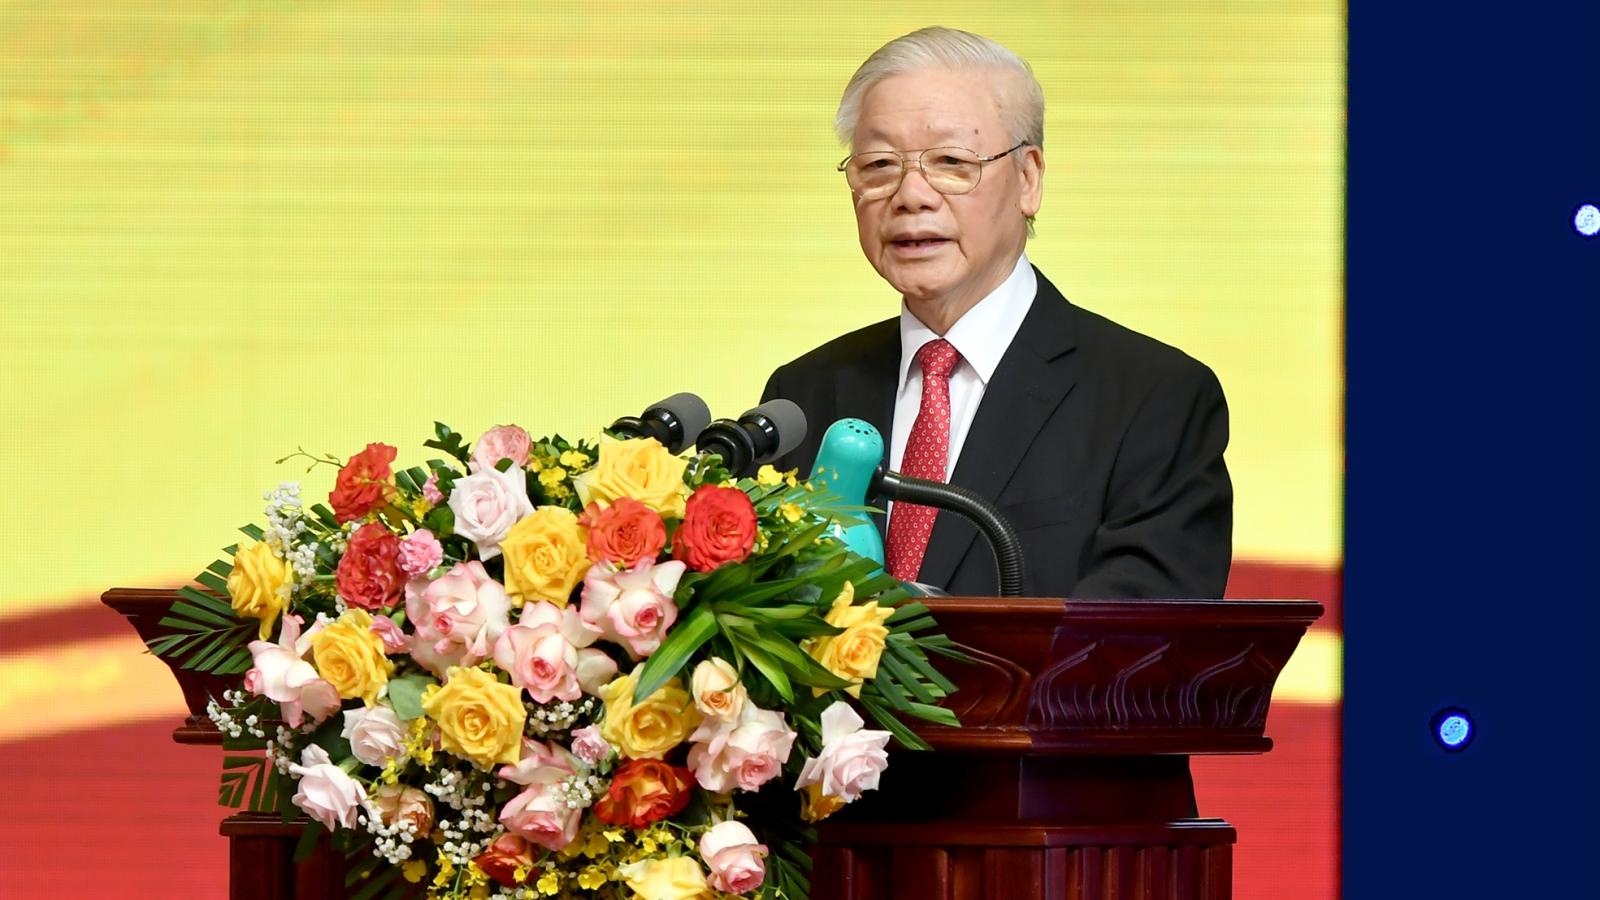 Phát biểu của Tổng Bí thư tại Lễ kỷ niệm 70 năm thành lập ngành Ngân hàng Việt Nam